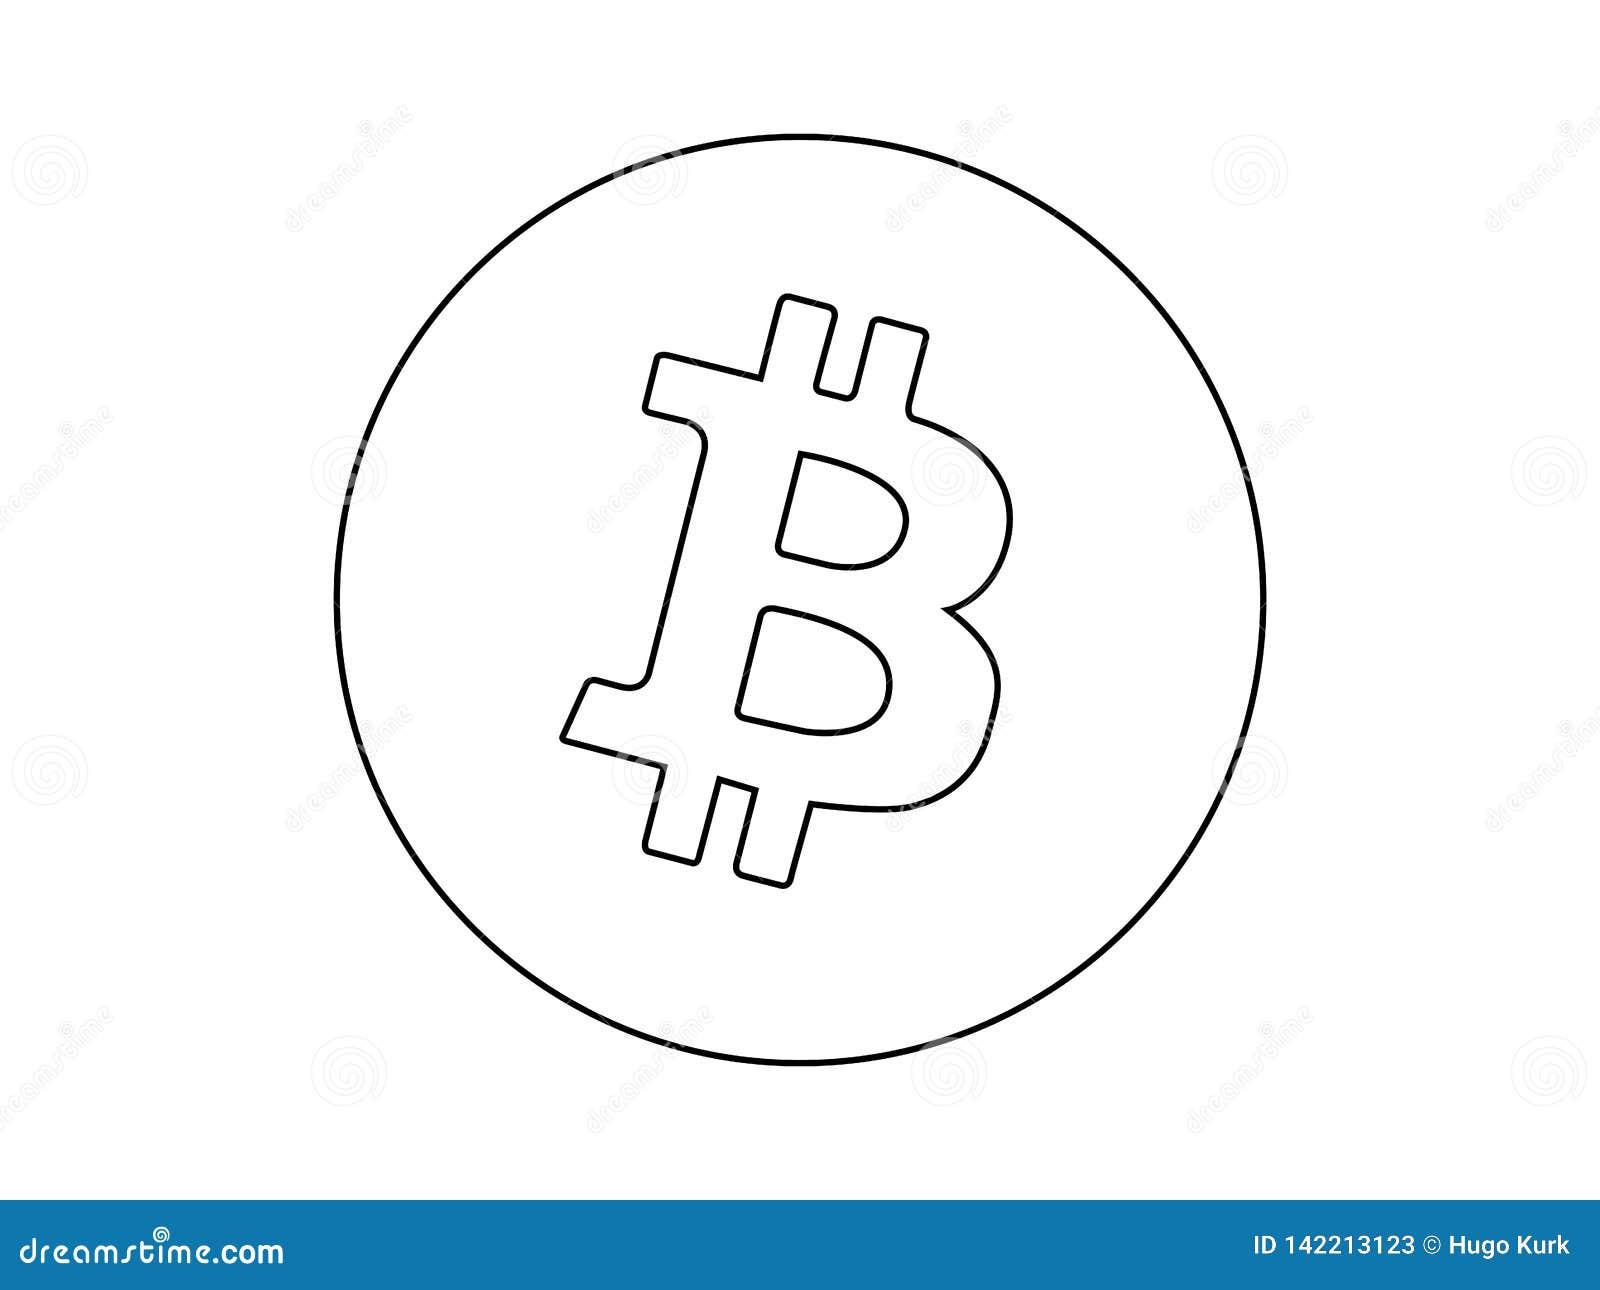 disegno bitcoin